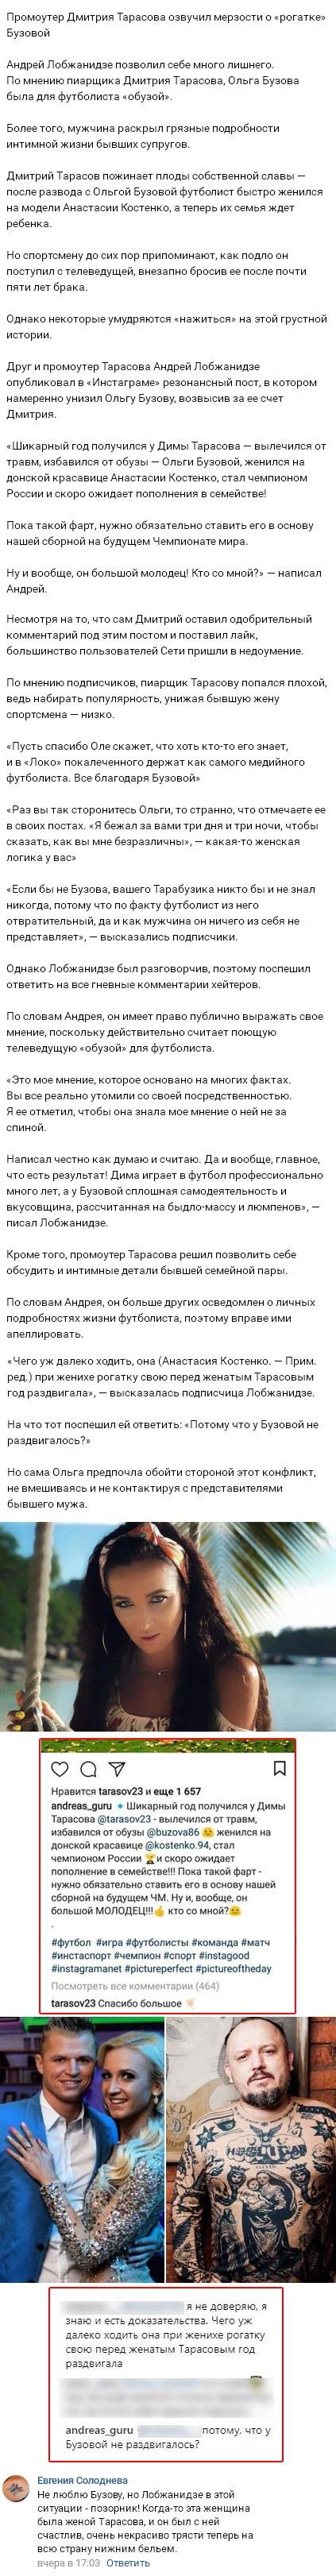 Андрей Лобжанидзе публично прошелся по Ольге Бузовой